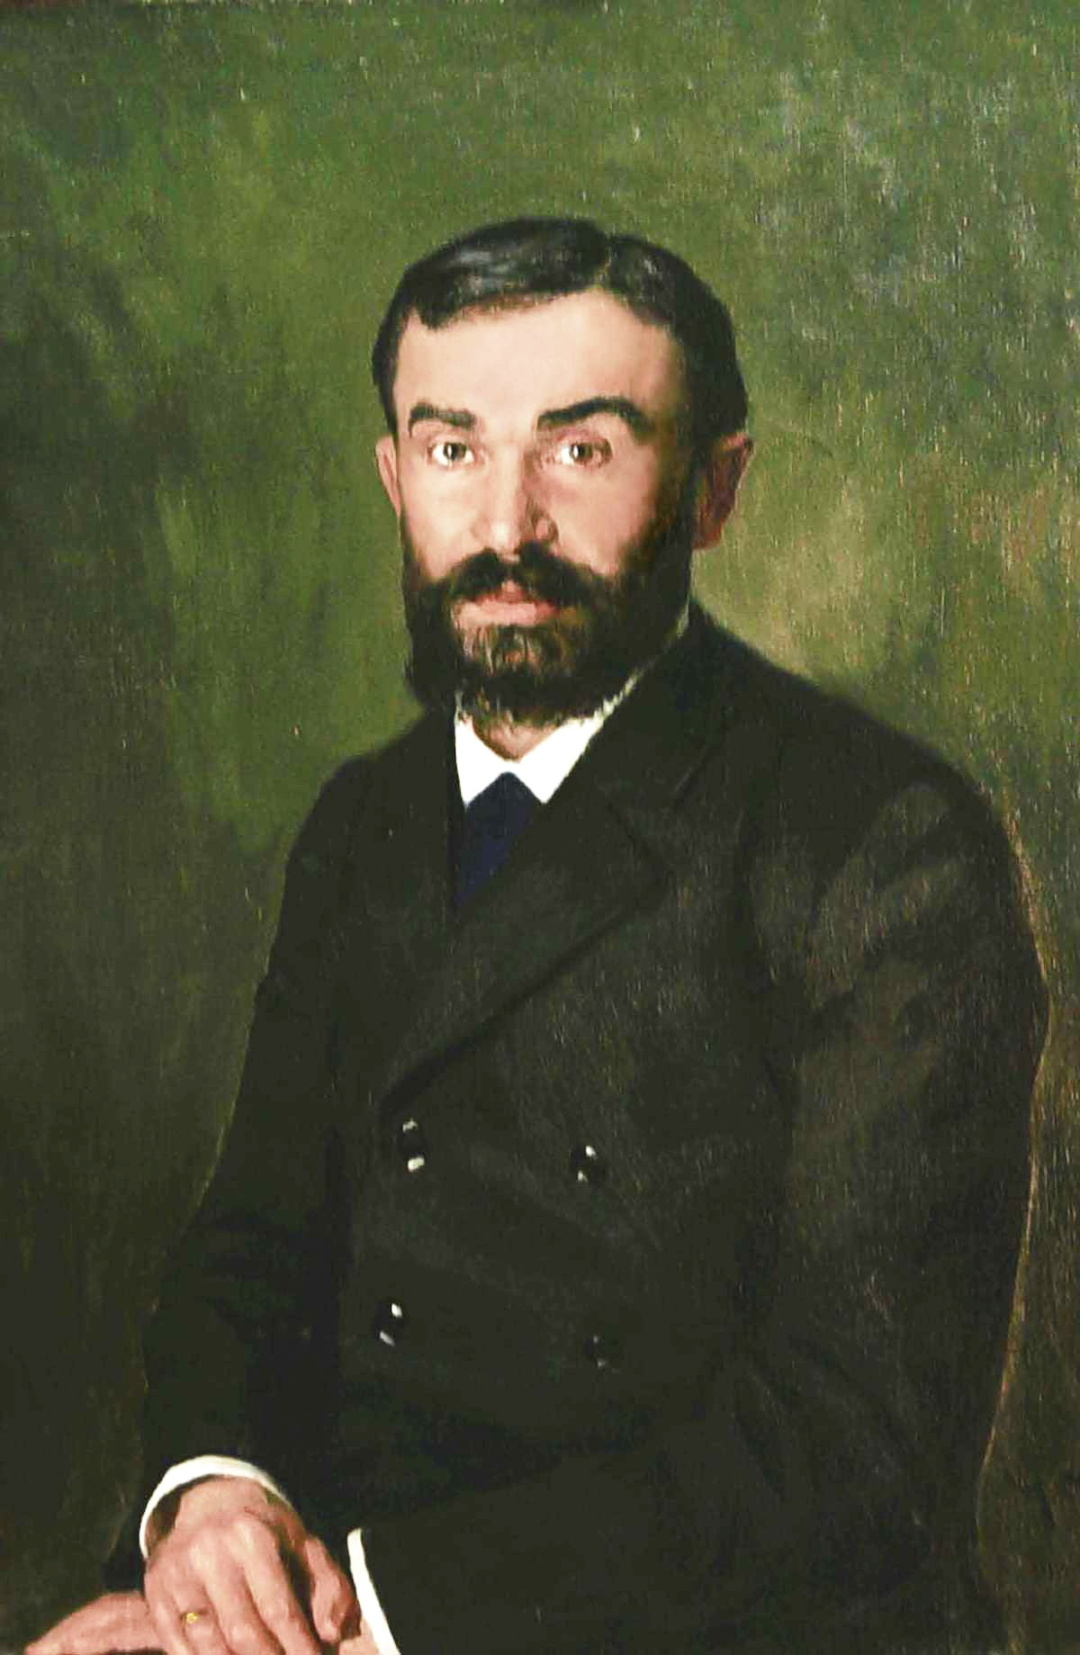 Микола Кузнєцлв, портрет Івана Терещенка, 1904 р. А2